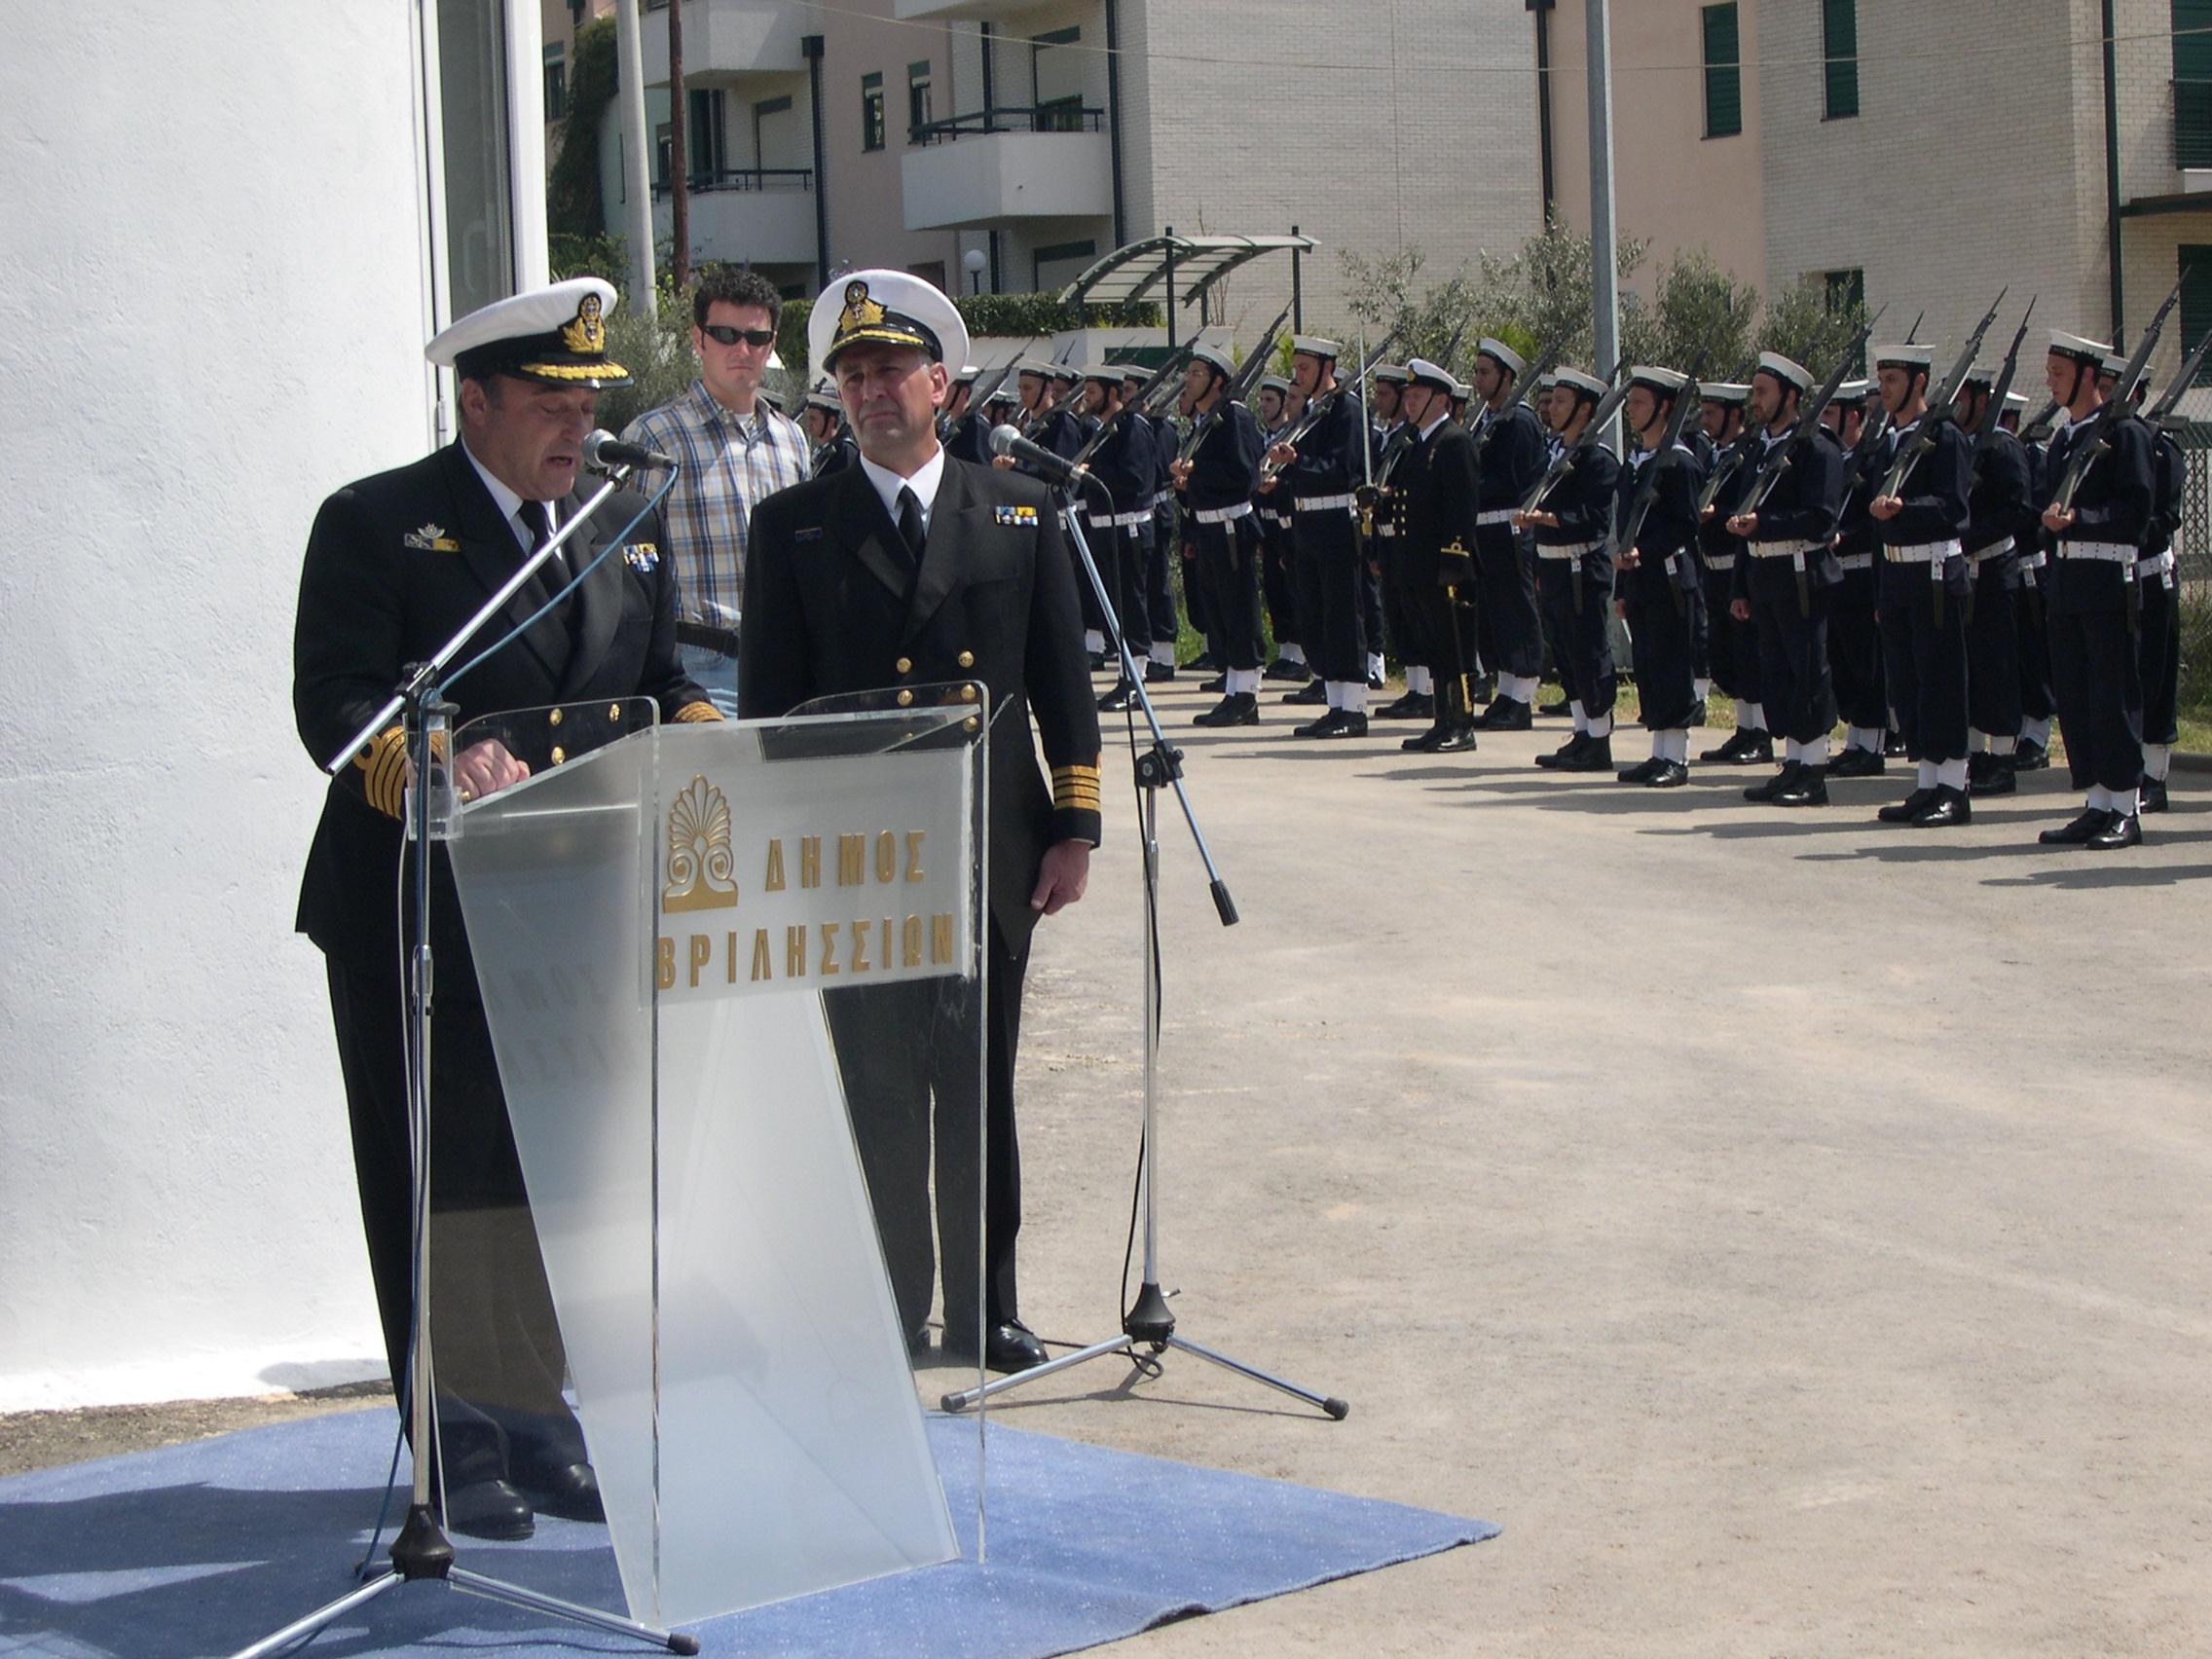 Η τελετή παράδοσης της ναυτικής βάσης από το Πολεμικό Ναυτικό στον Δήμο Βριλησσίων (2005)